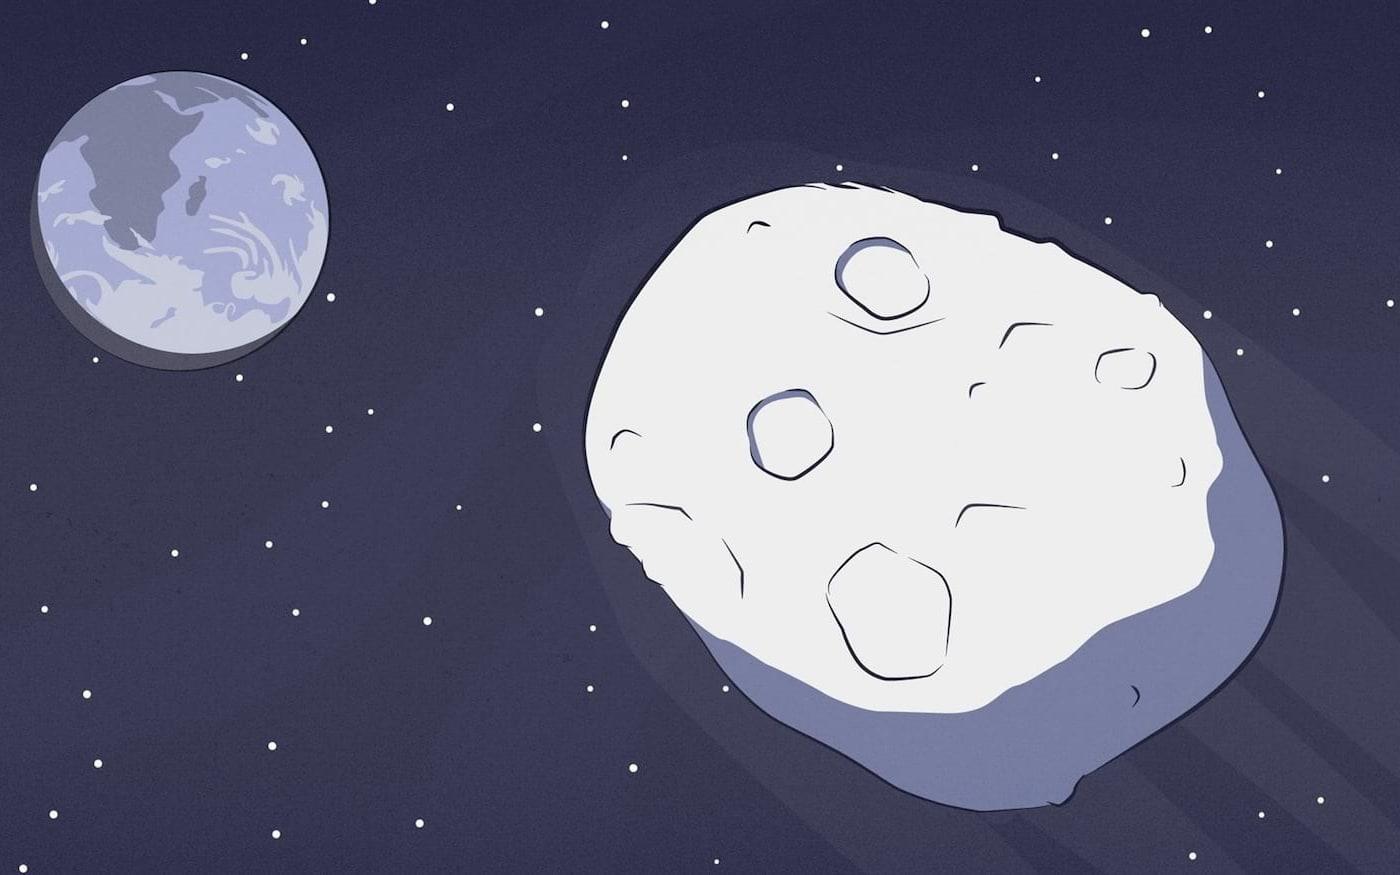 Cientista americana diz ter certeza que a Terra será atingida por um asteroide